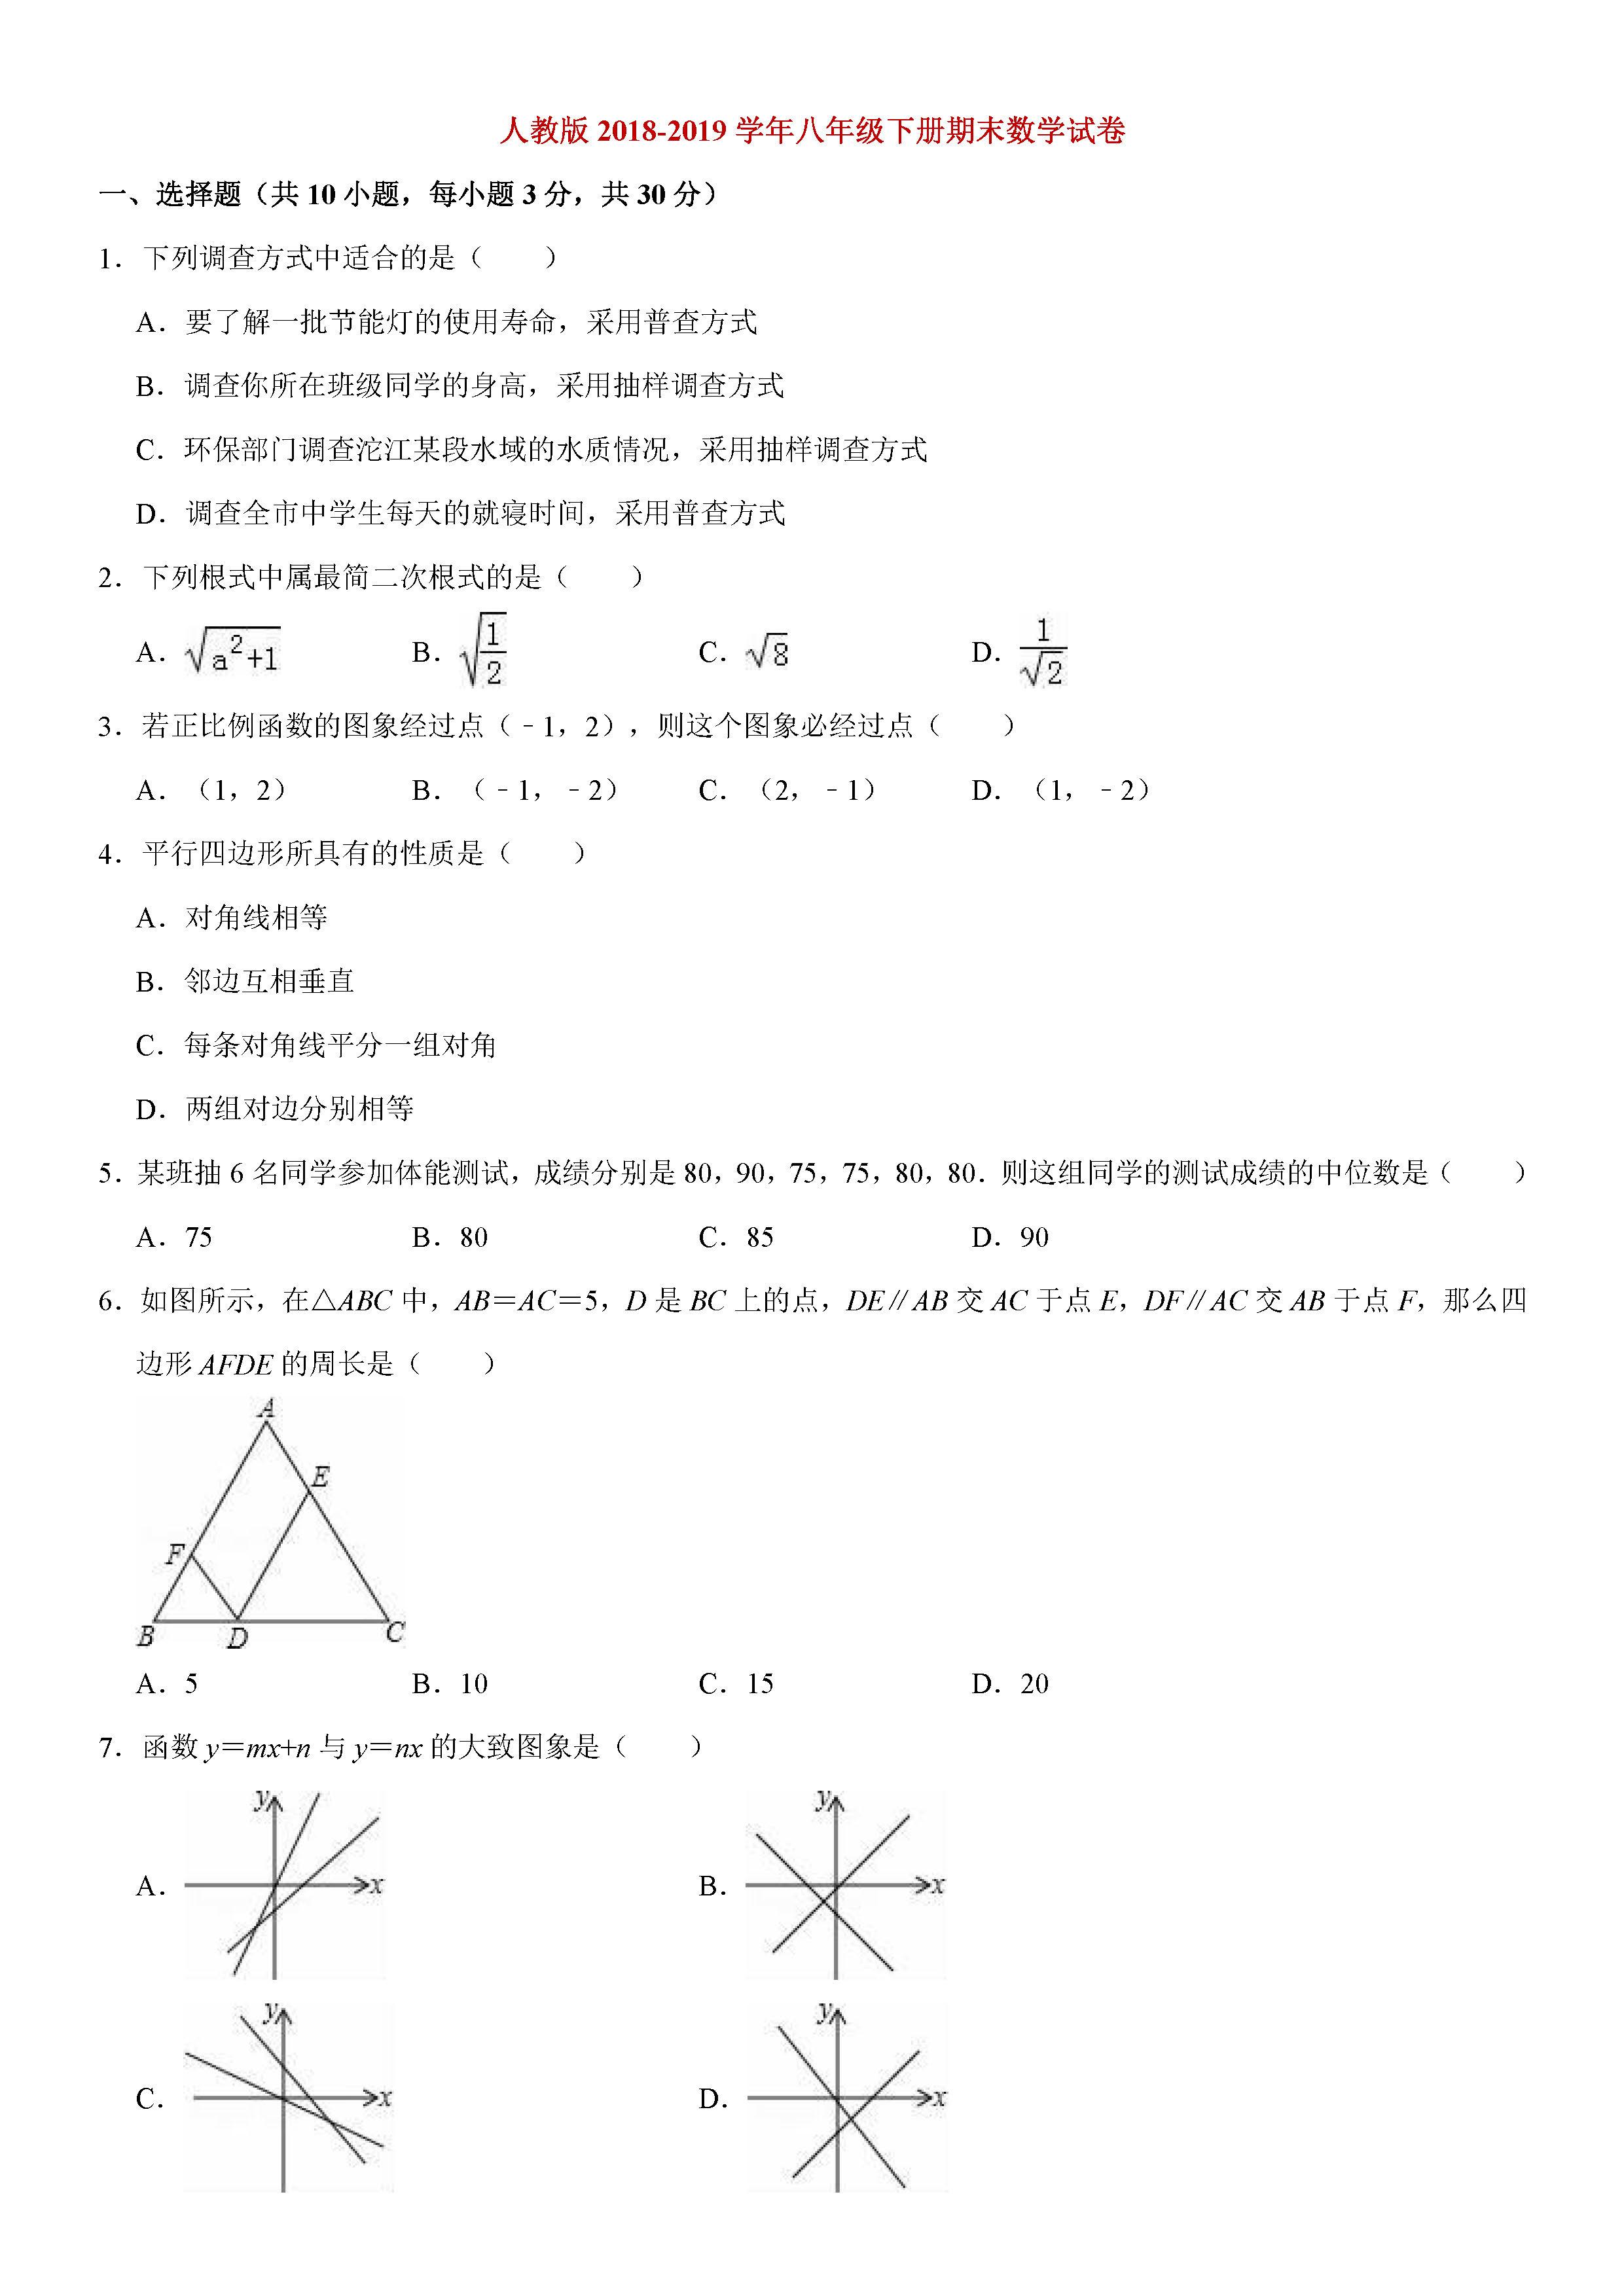 人教版2018-2019初二年级数学下册期末测试题(含试题解析)